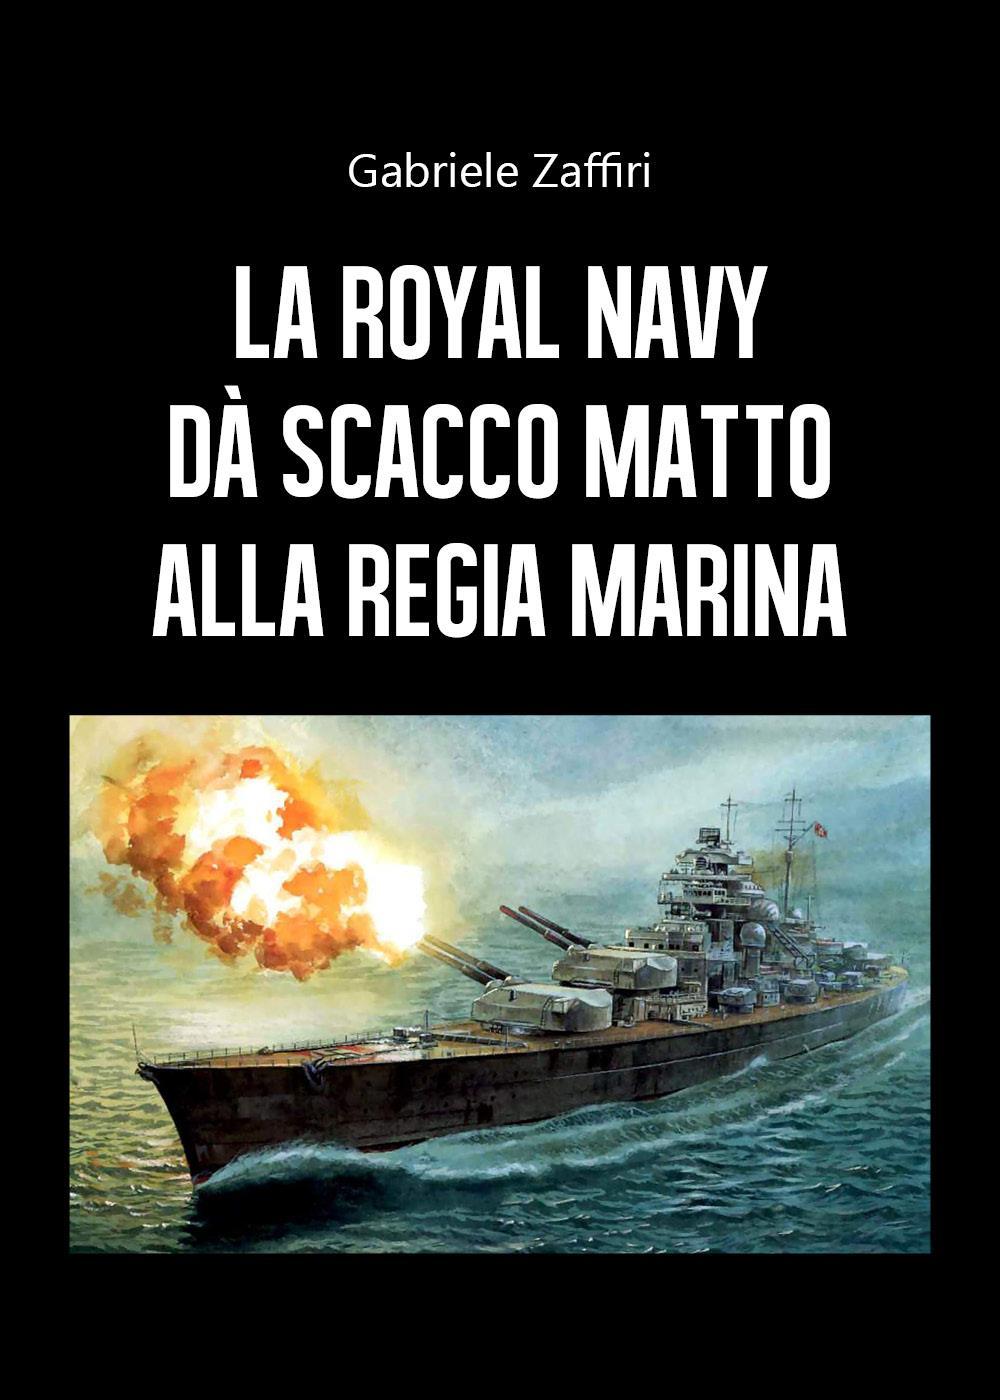 La Royal Navy dà scacco matto alla Regia Marina